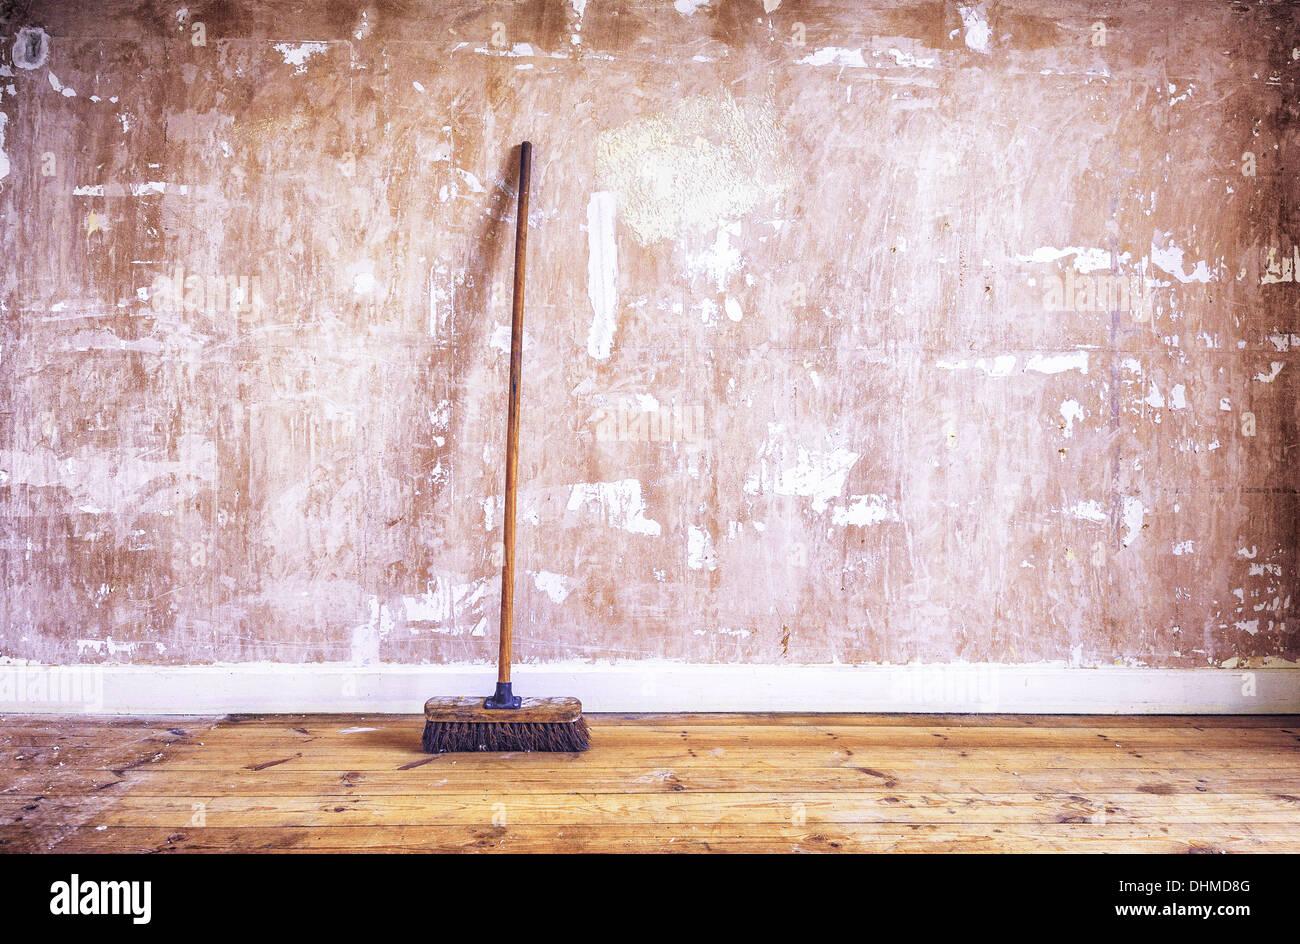 Eine Holzerne Burste Besen Gelehnt Eine Abgespeckte Gipskartonwand